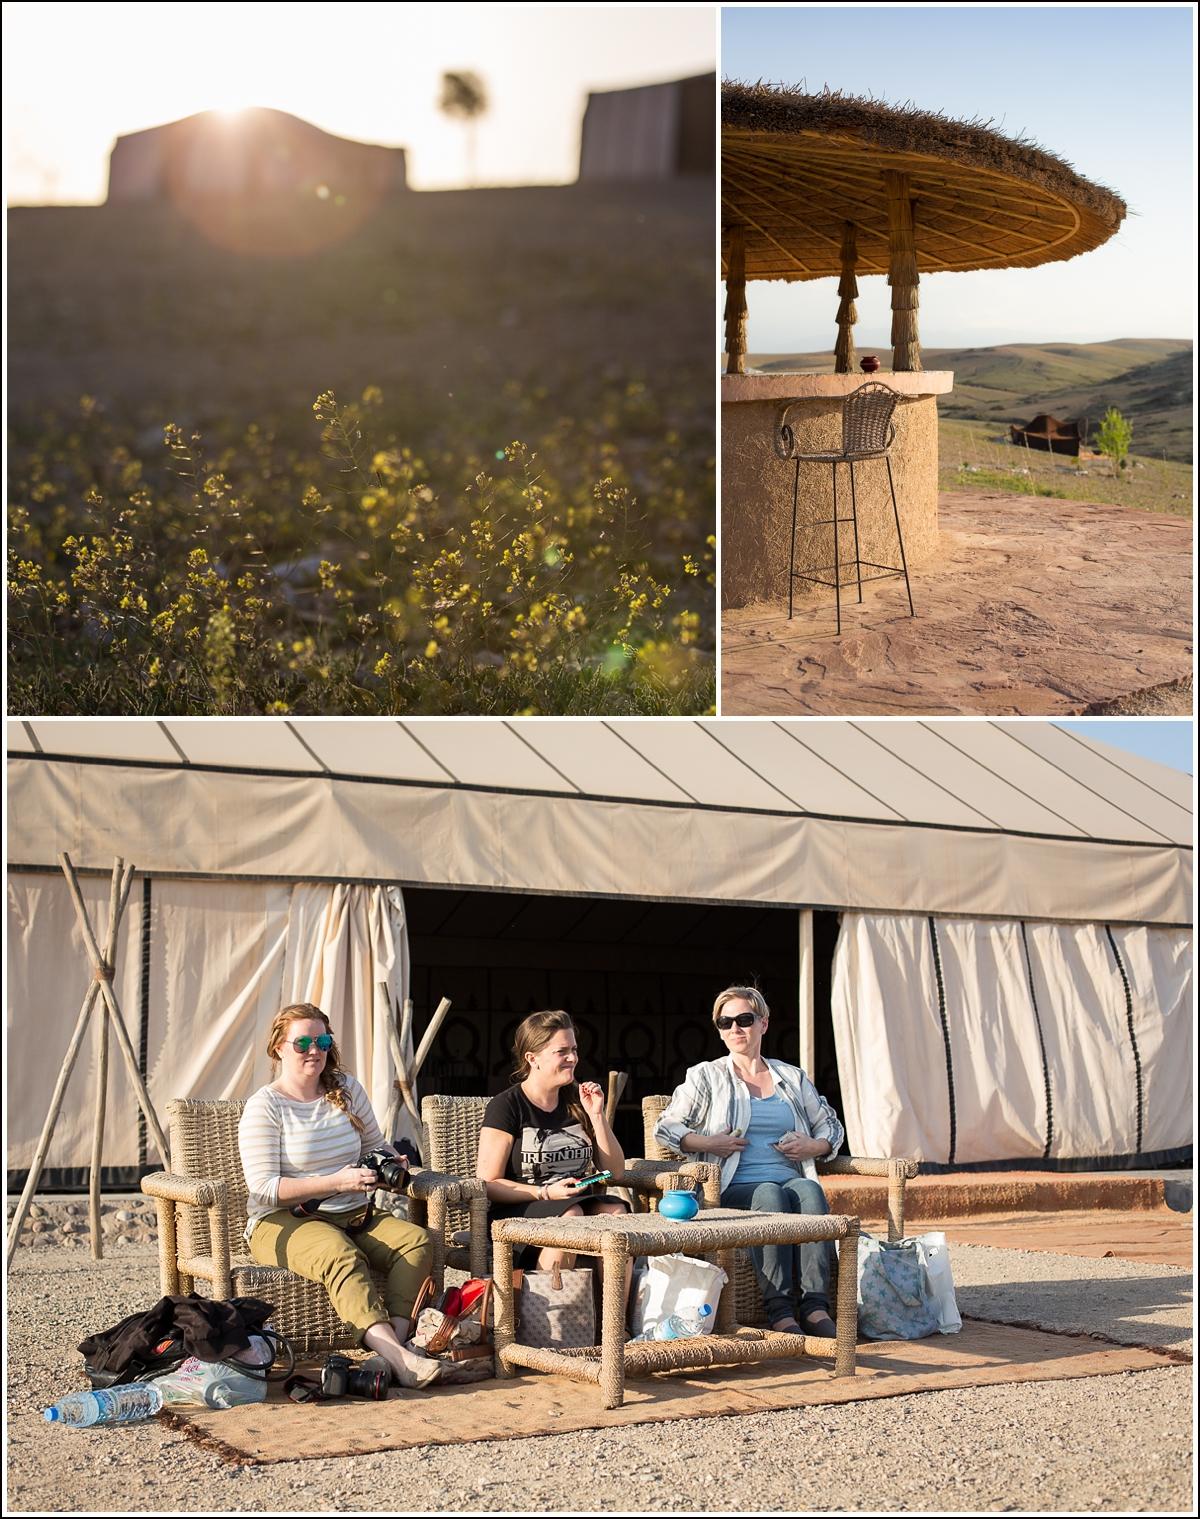 Terre-des-etoiles-desert-tents